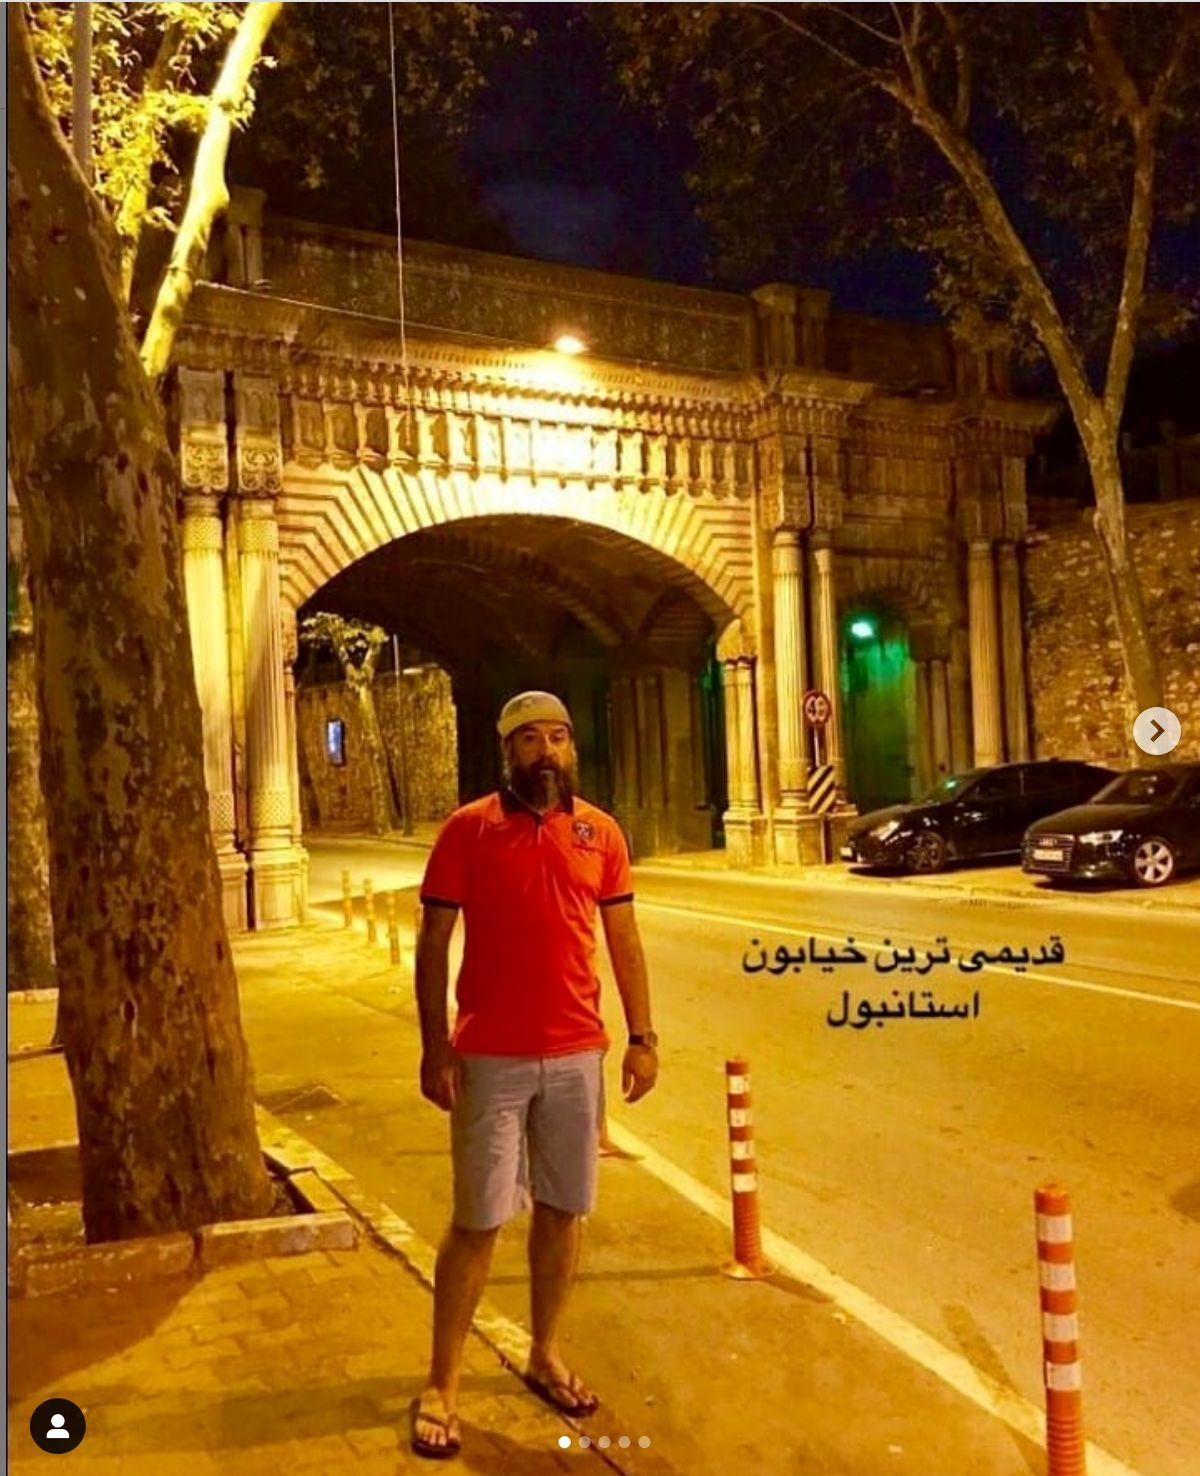 تصاویر تلخ از نبود علی انصاریان در سالگرد تولدش / ویدئو دردناک